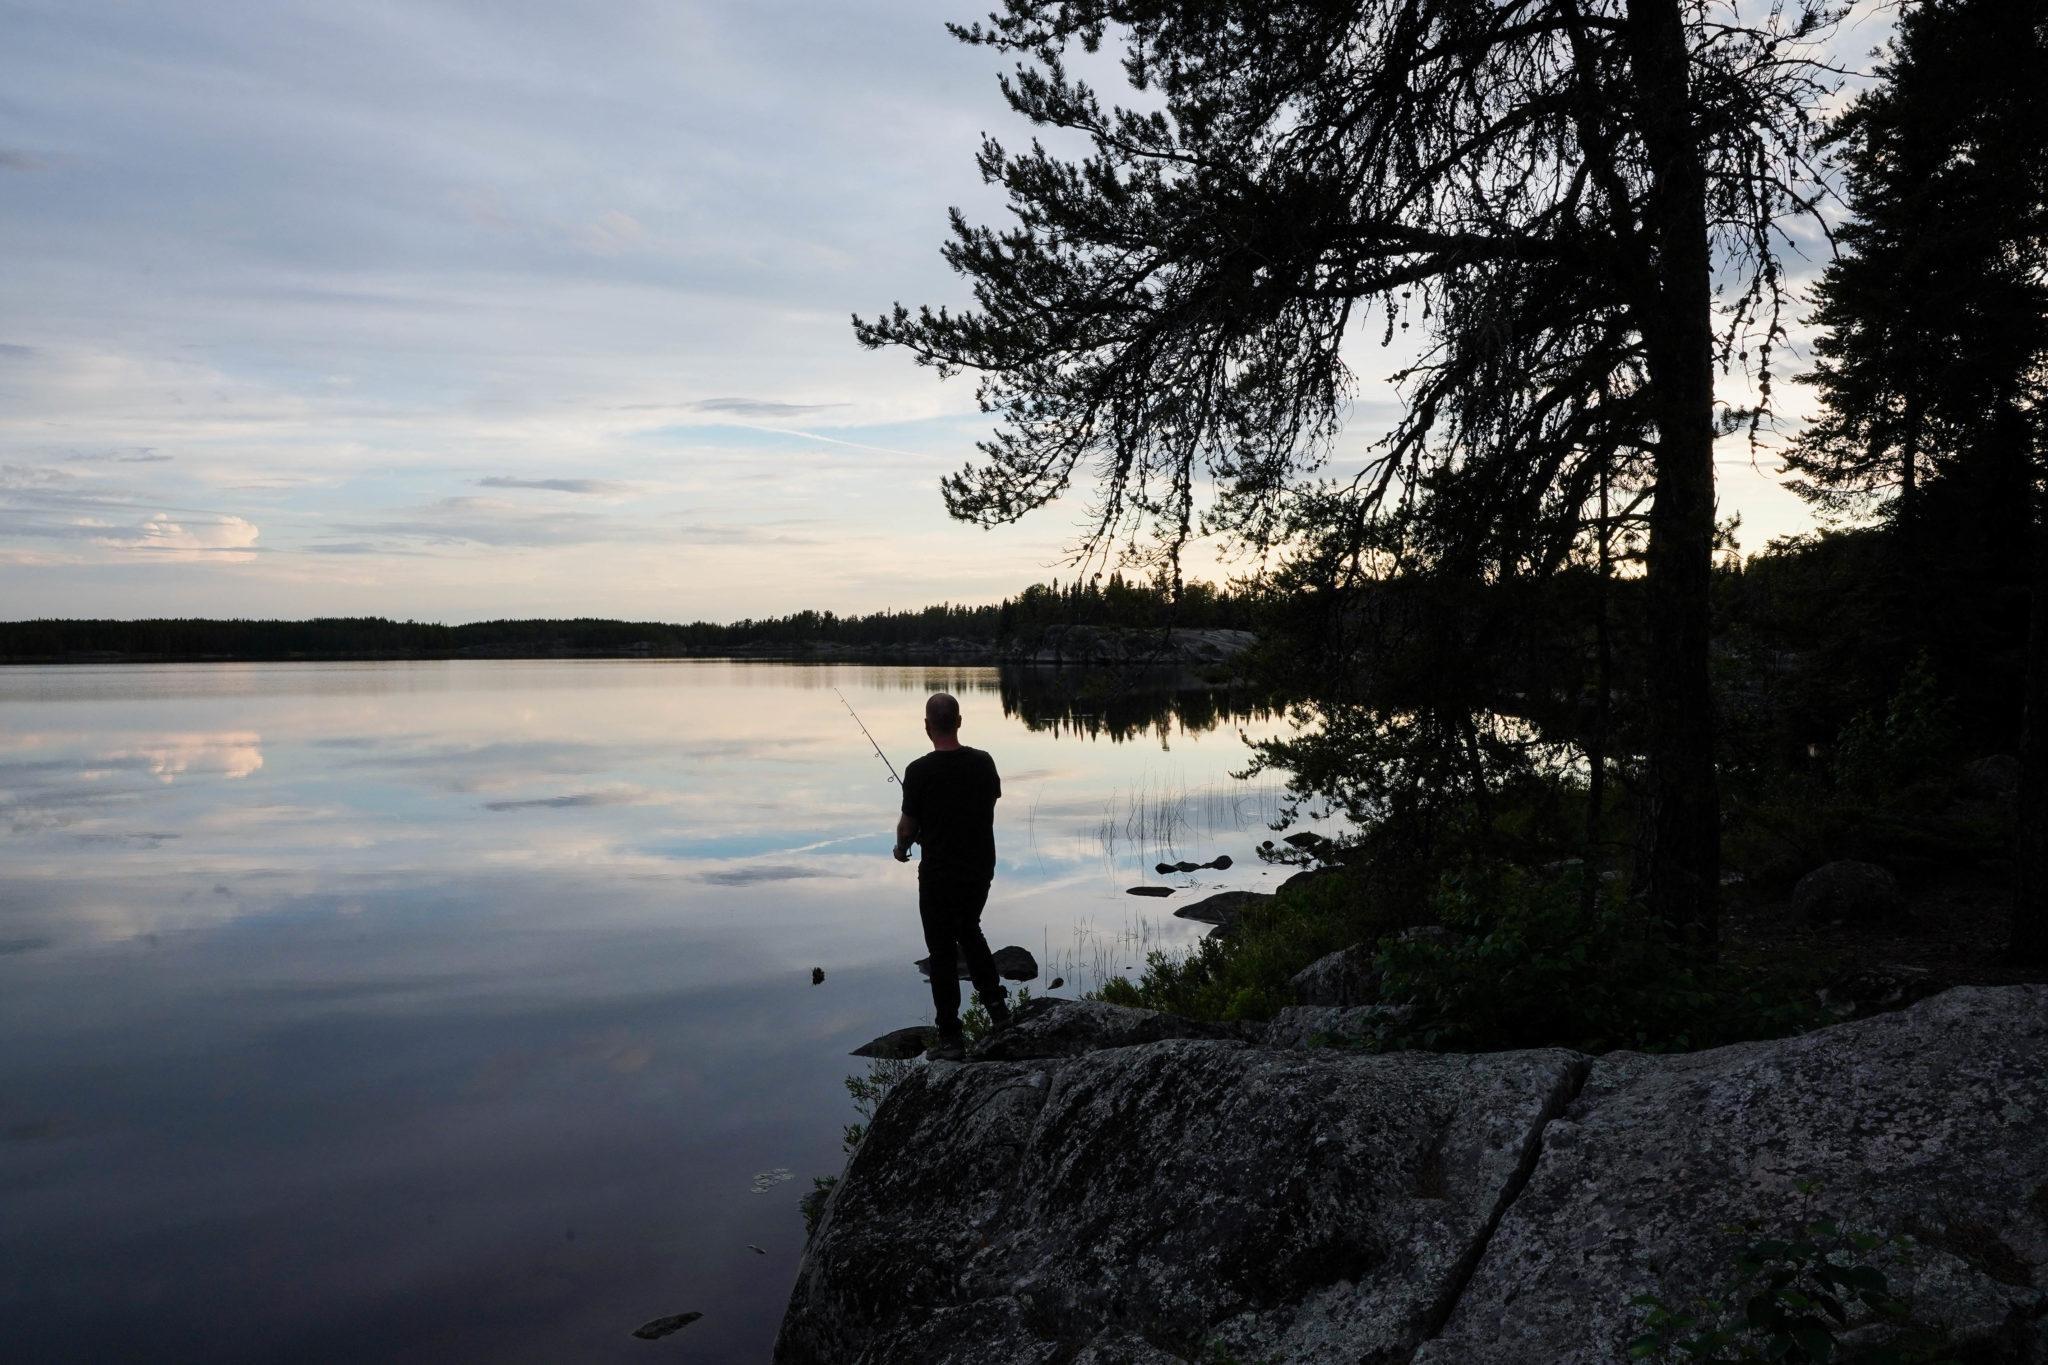 Kanada: Naturerlebnis Manitoba & Winnipeg 59